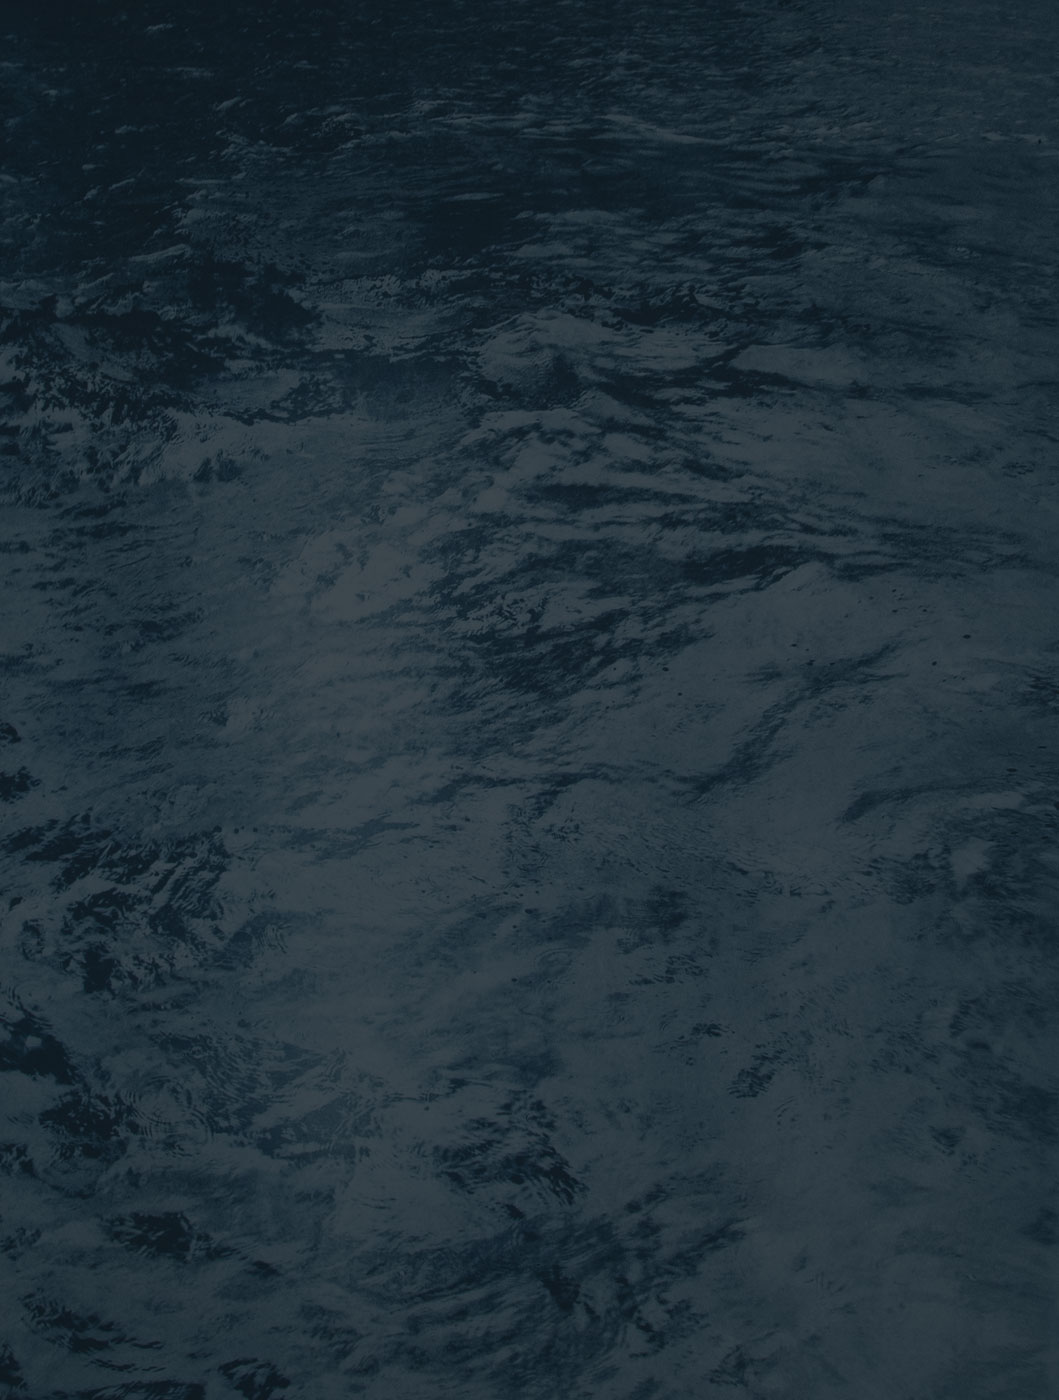 Lufteinschluss I (unterseeische Erscheinung über Wasser)